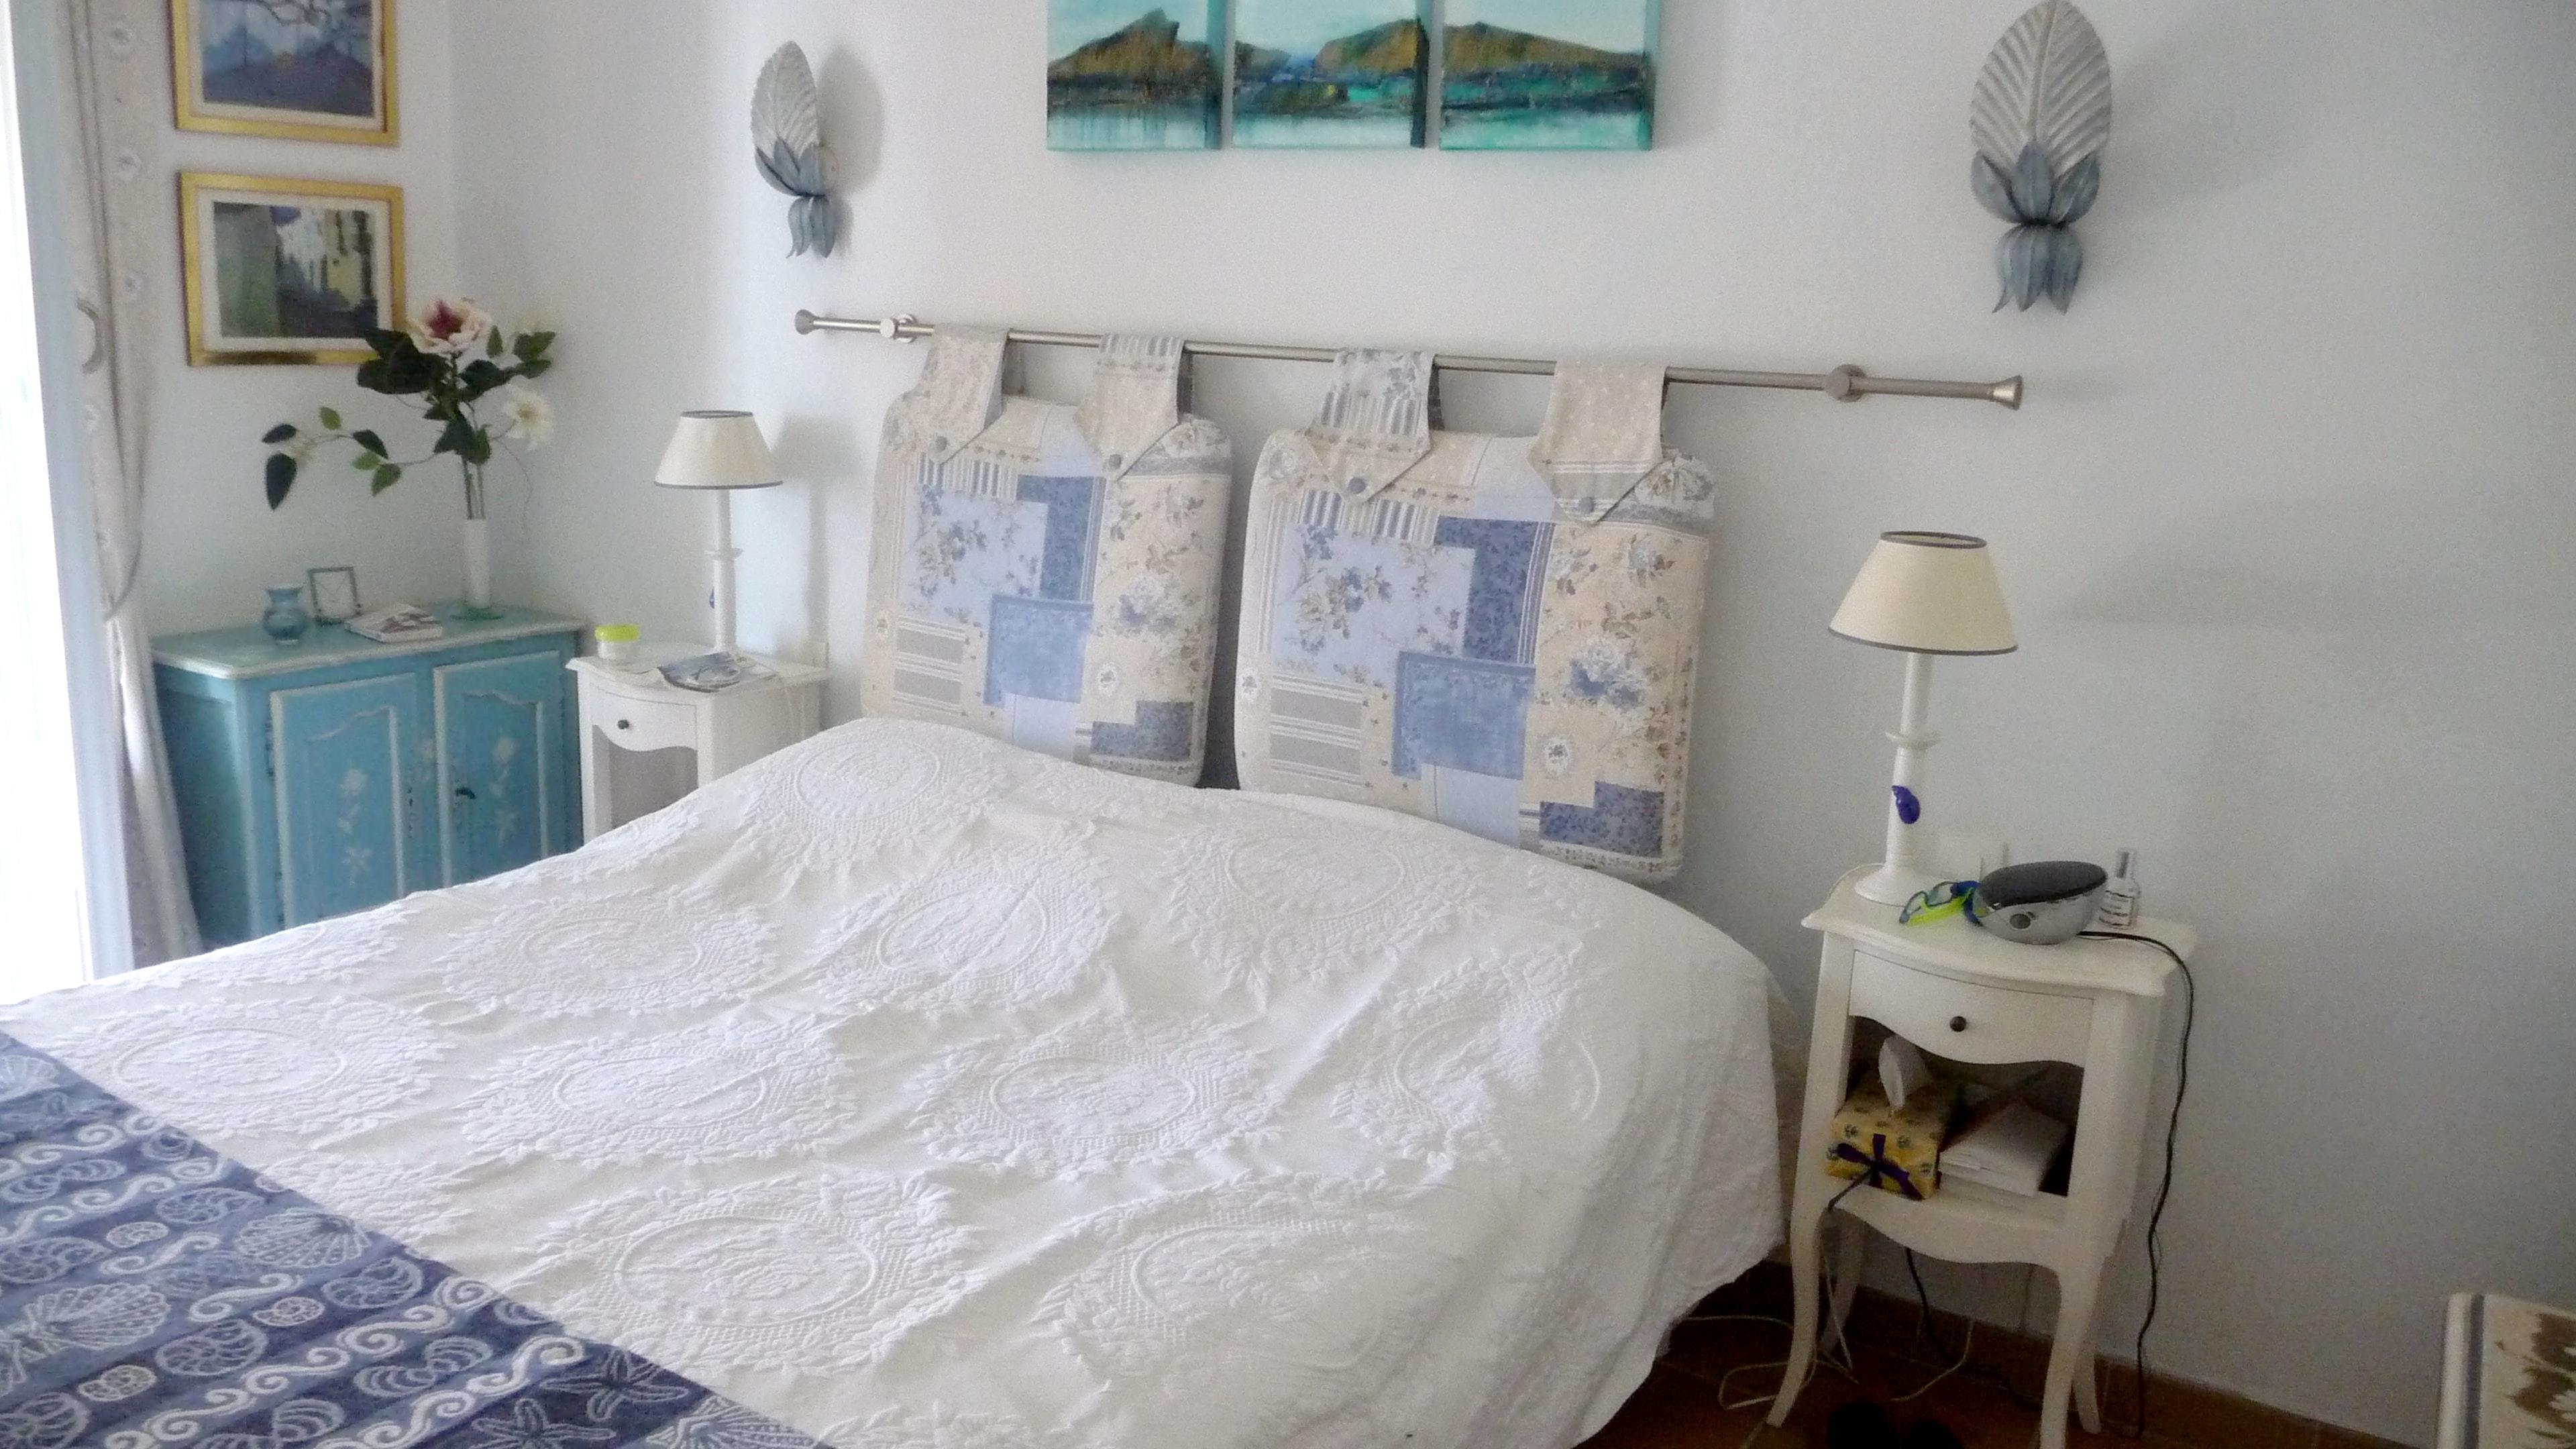 Ferienhaus Villa mit 4 Schlafzimmern in La Croix-Valmer mit herrlichem Meerblick, privatem Pool, eing (2202594), La Croix Valmer, Côte d'Azur, Provence - Alpen - Côte d'Azur, Frankreich, Bild 12